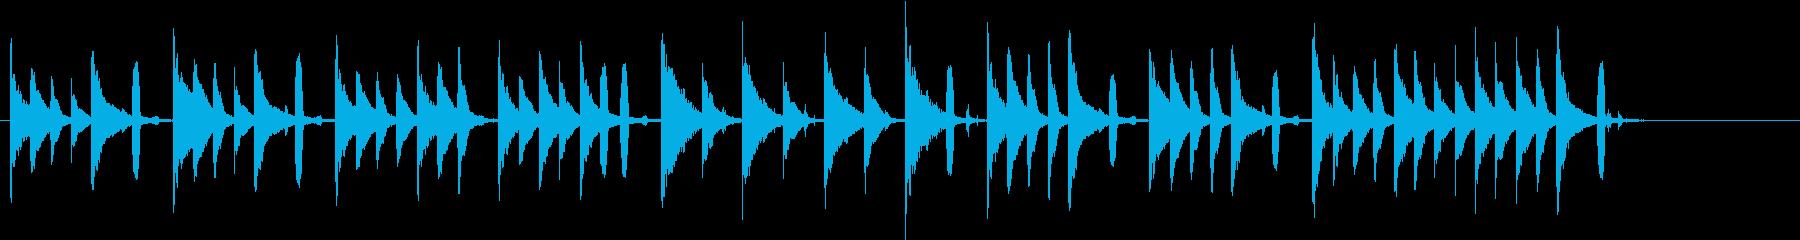 木琴がメインで不思議な雰囲気のジングルの再生済みの波形